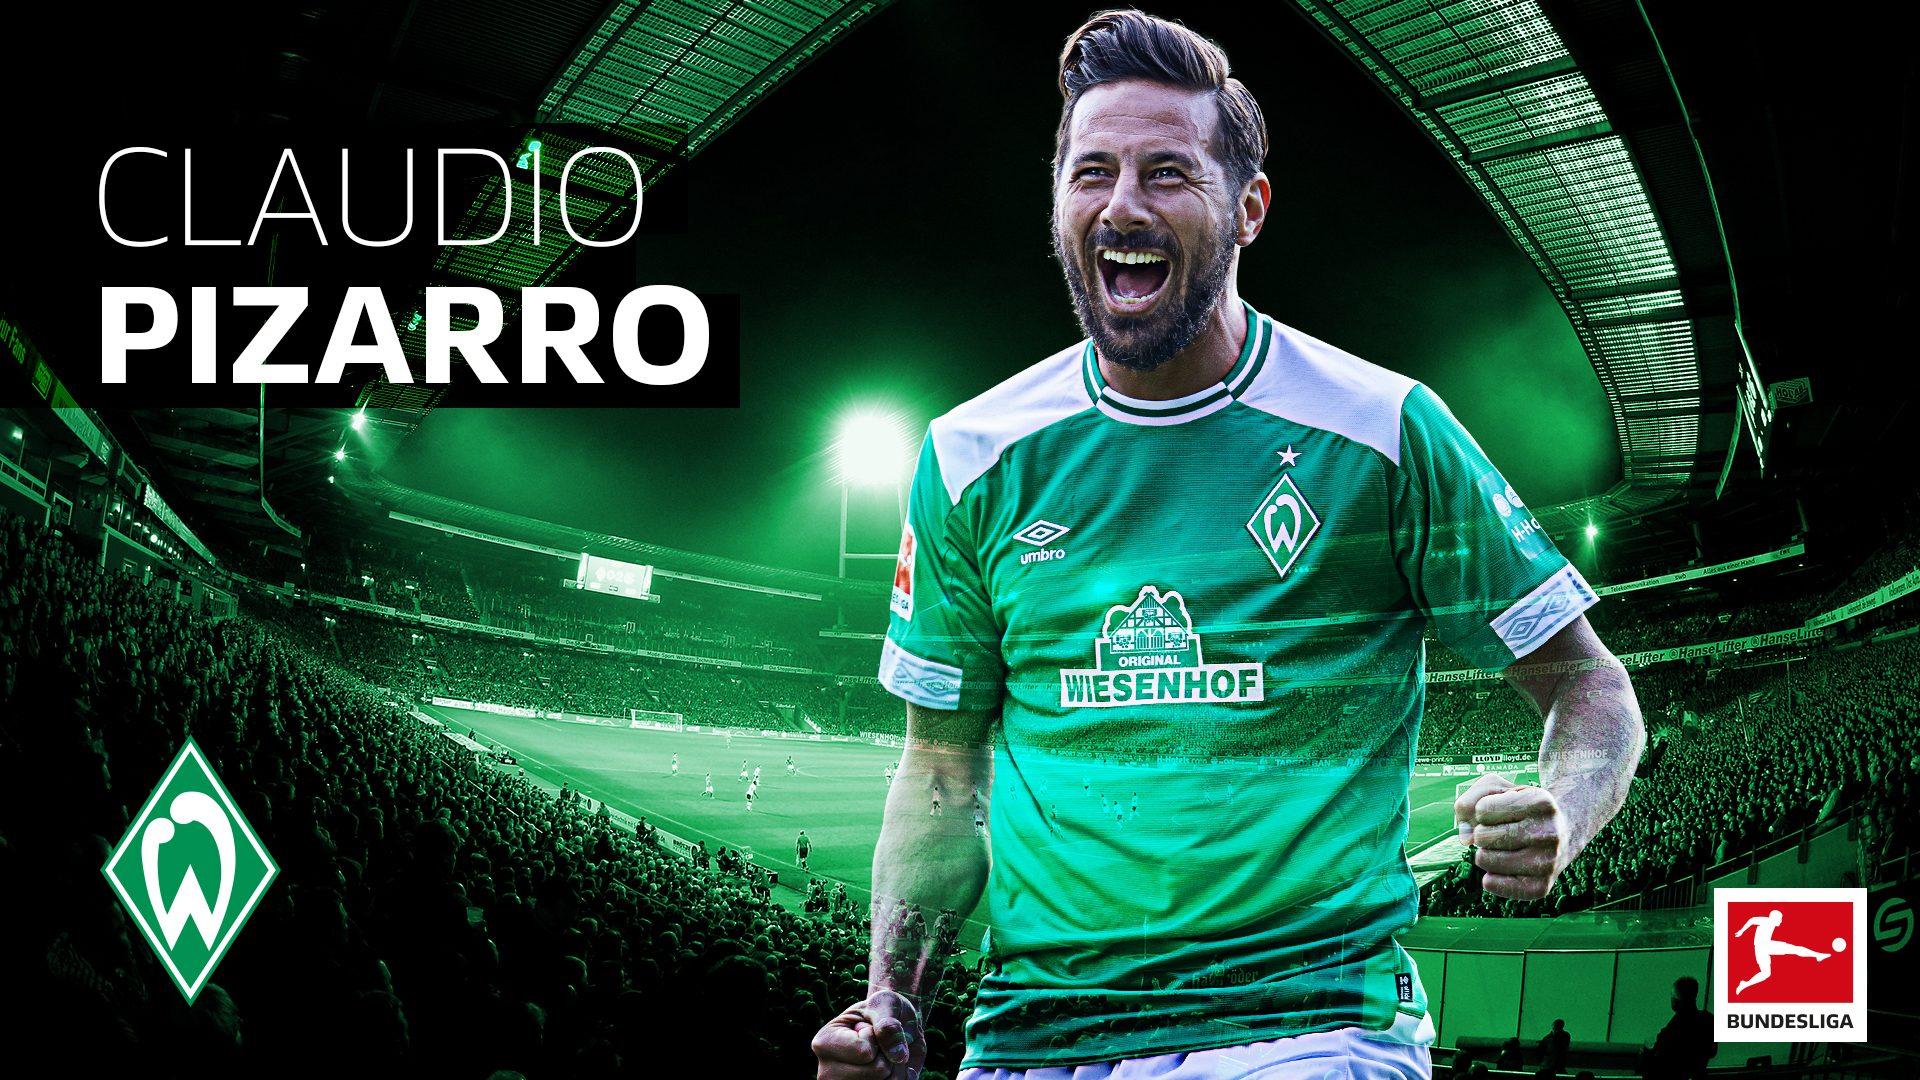 Bundesliga Claudio Pizarro Extends Werder Bremen Contract